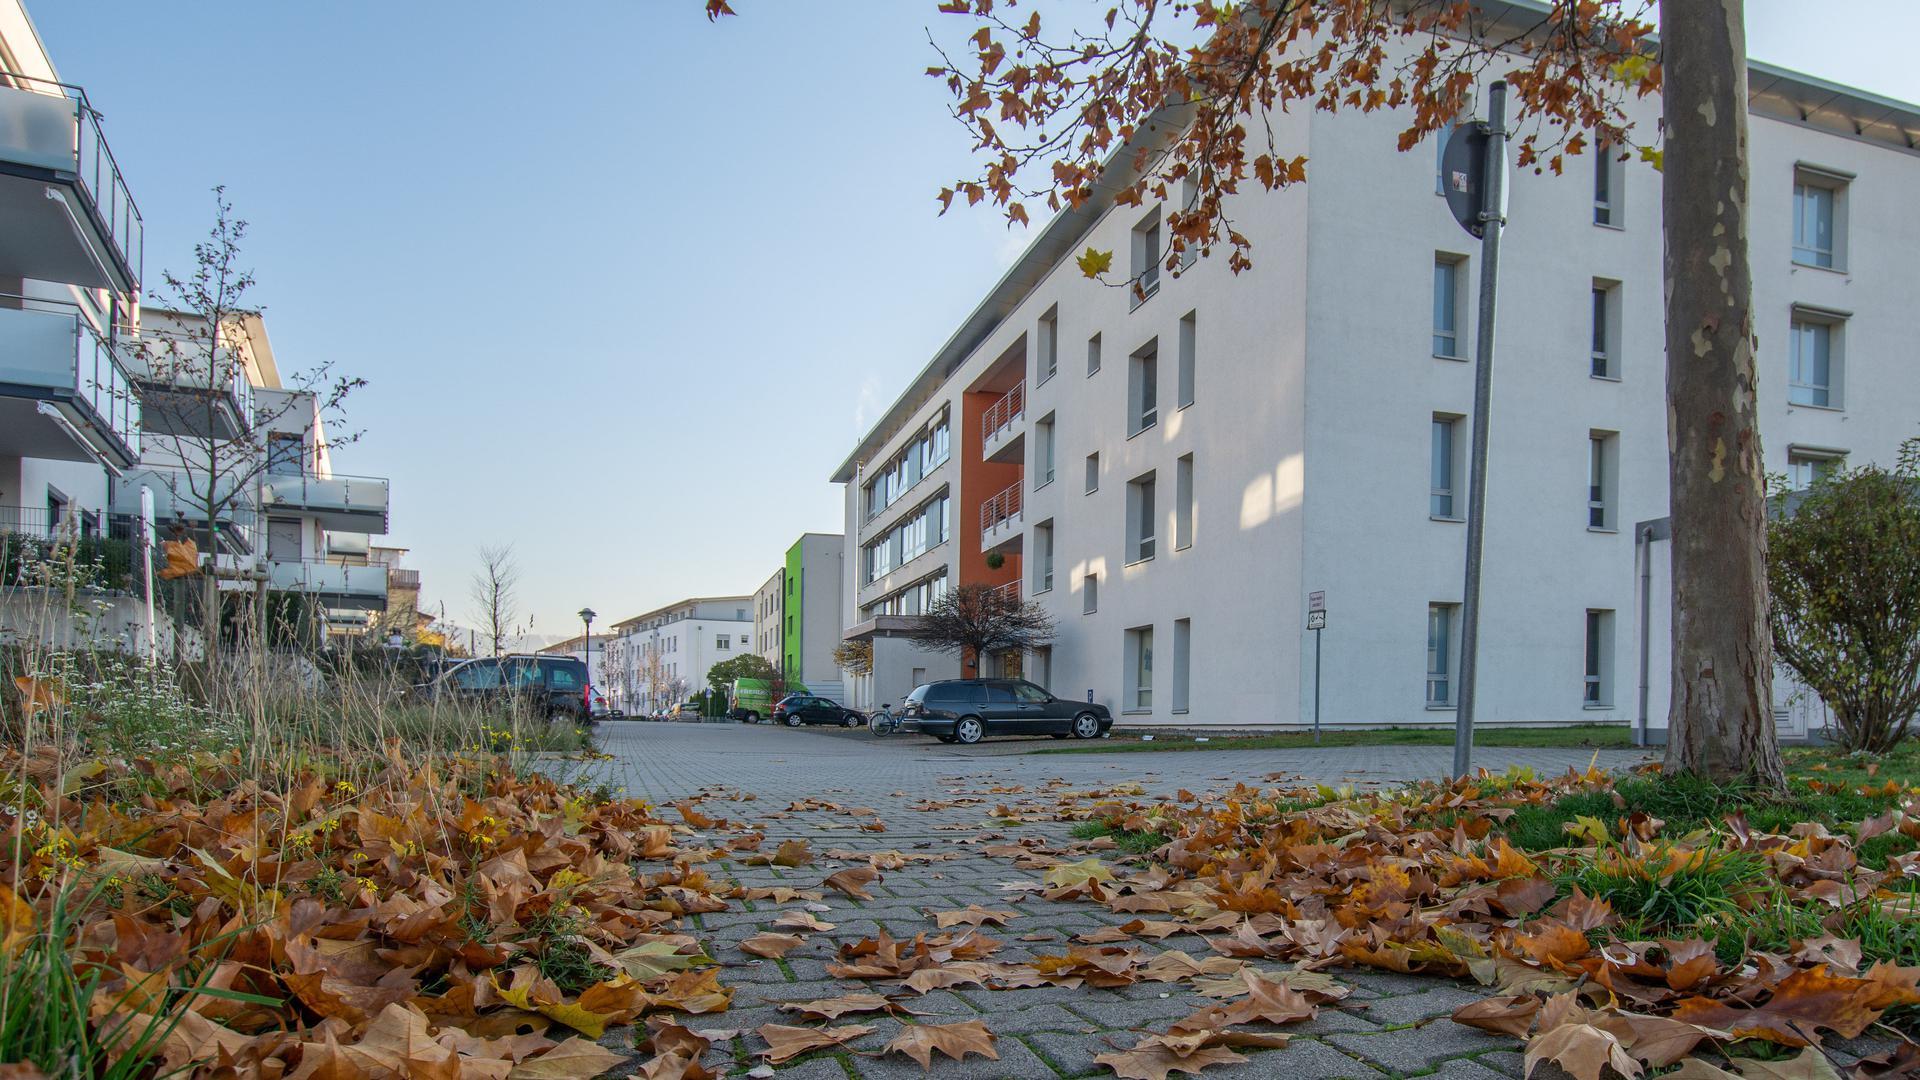 Großes Haus oder Heim im Herbst mit Herbstlaub